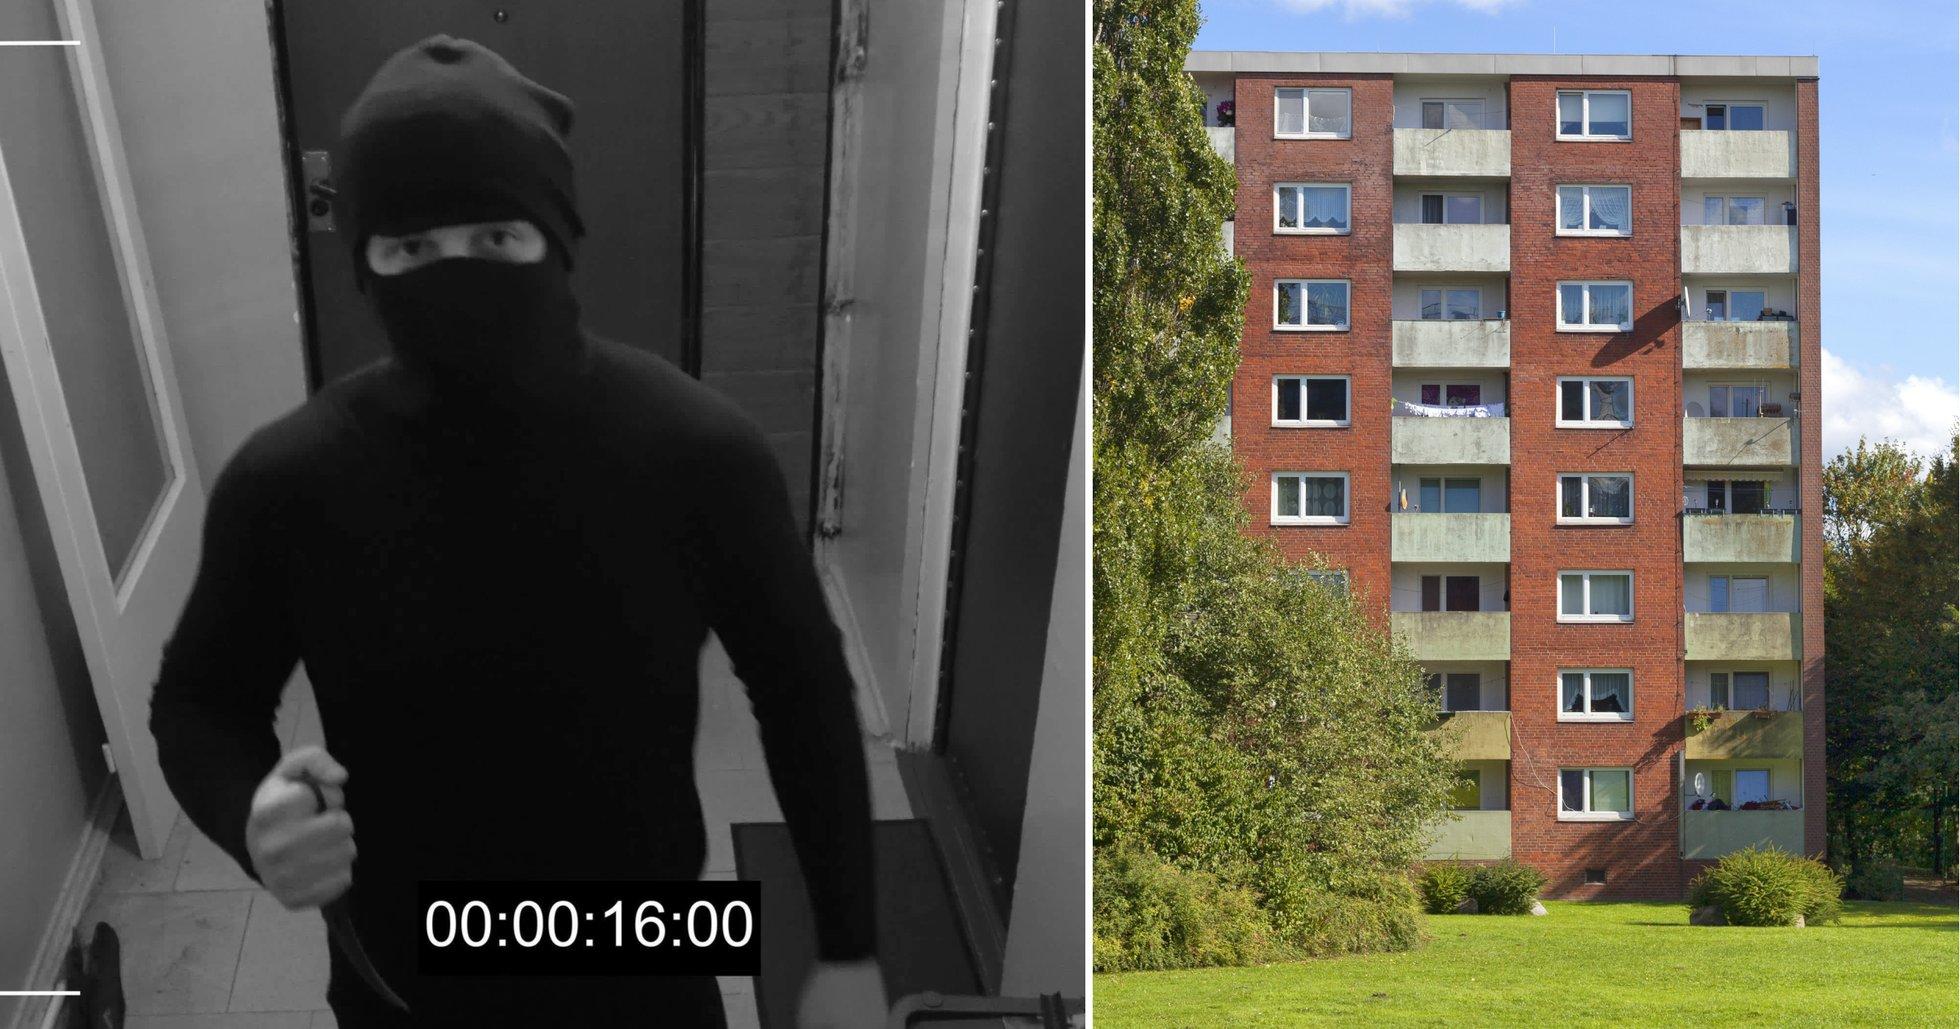 Bitcoinmiljonär uppsökt av rånare med hagelgevär – flydde genom att hoppa från balkongen.